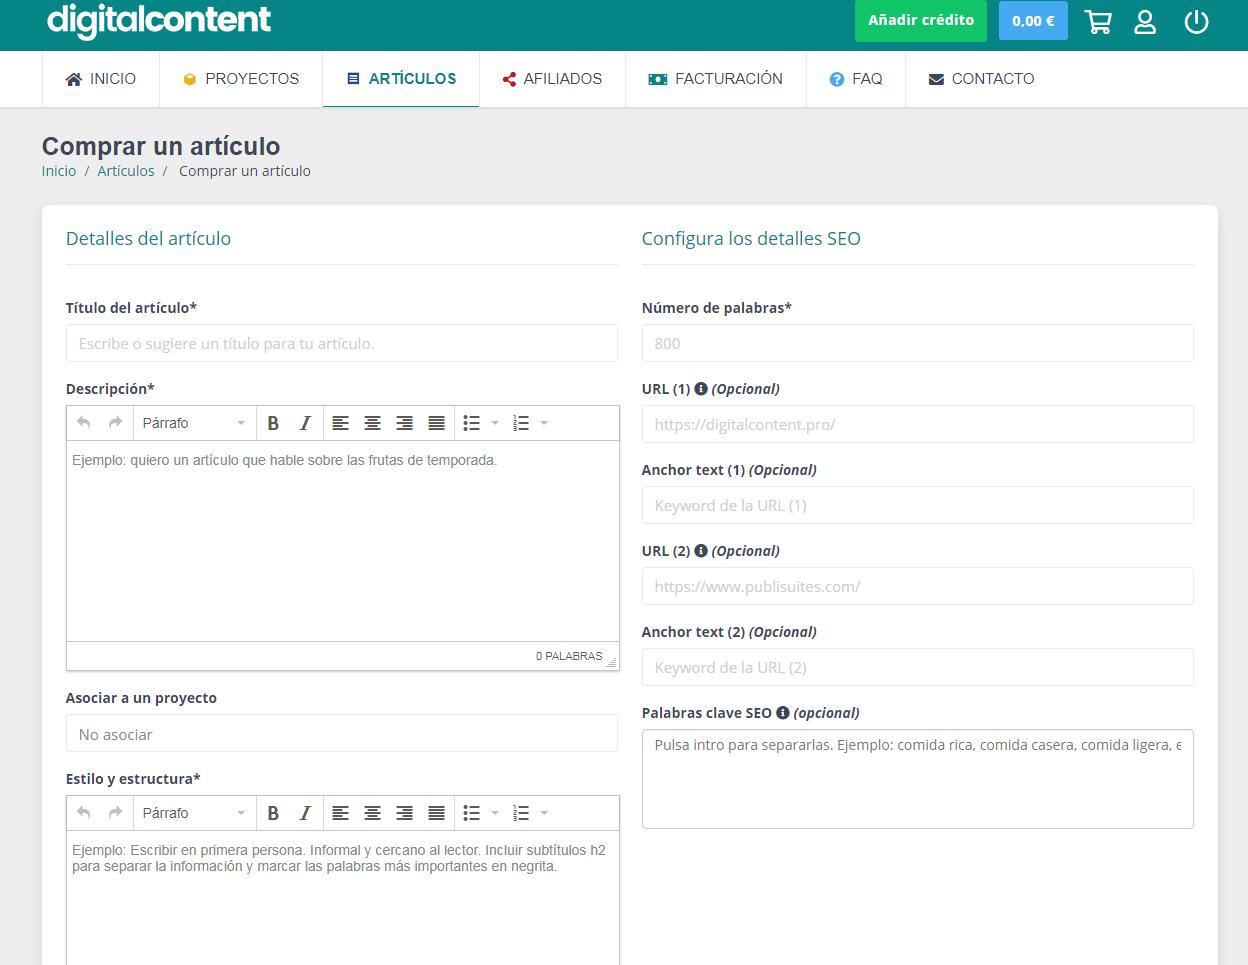 comprar artículos en digital content